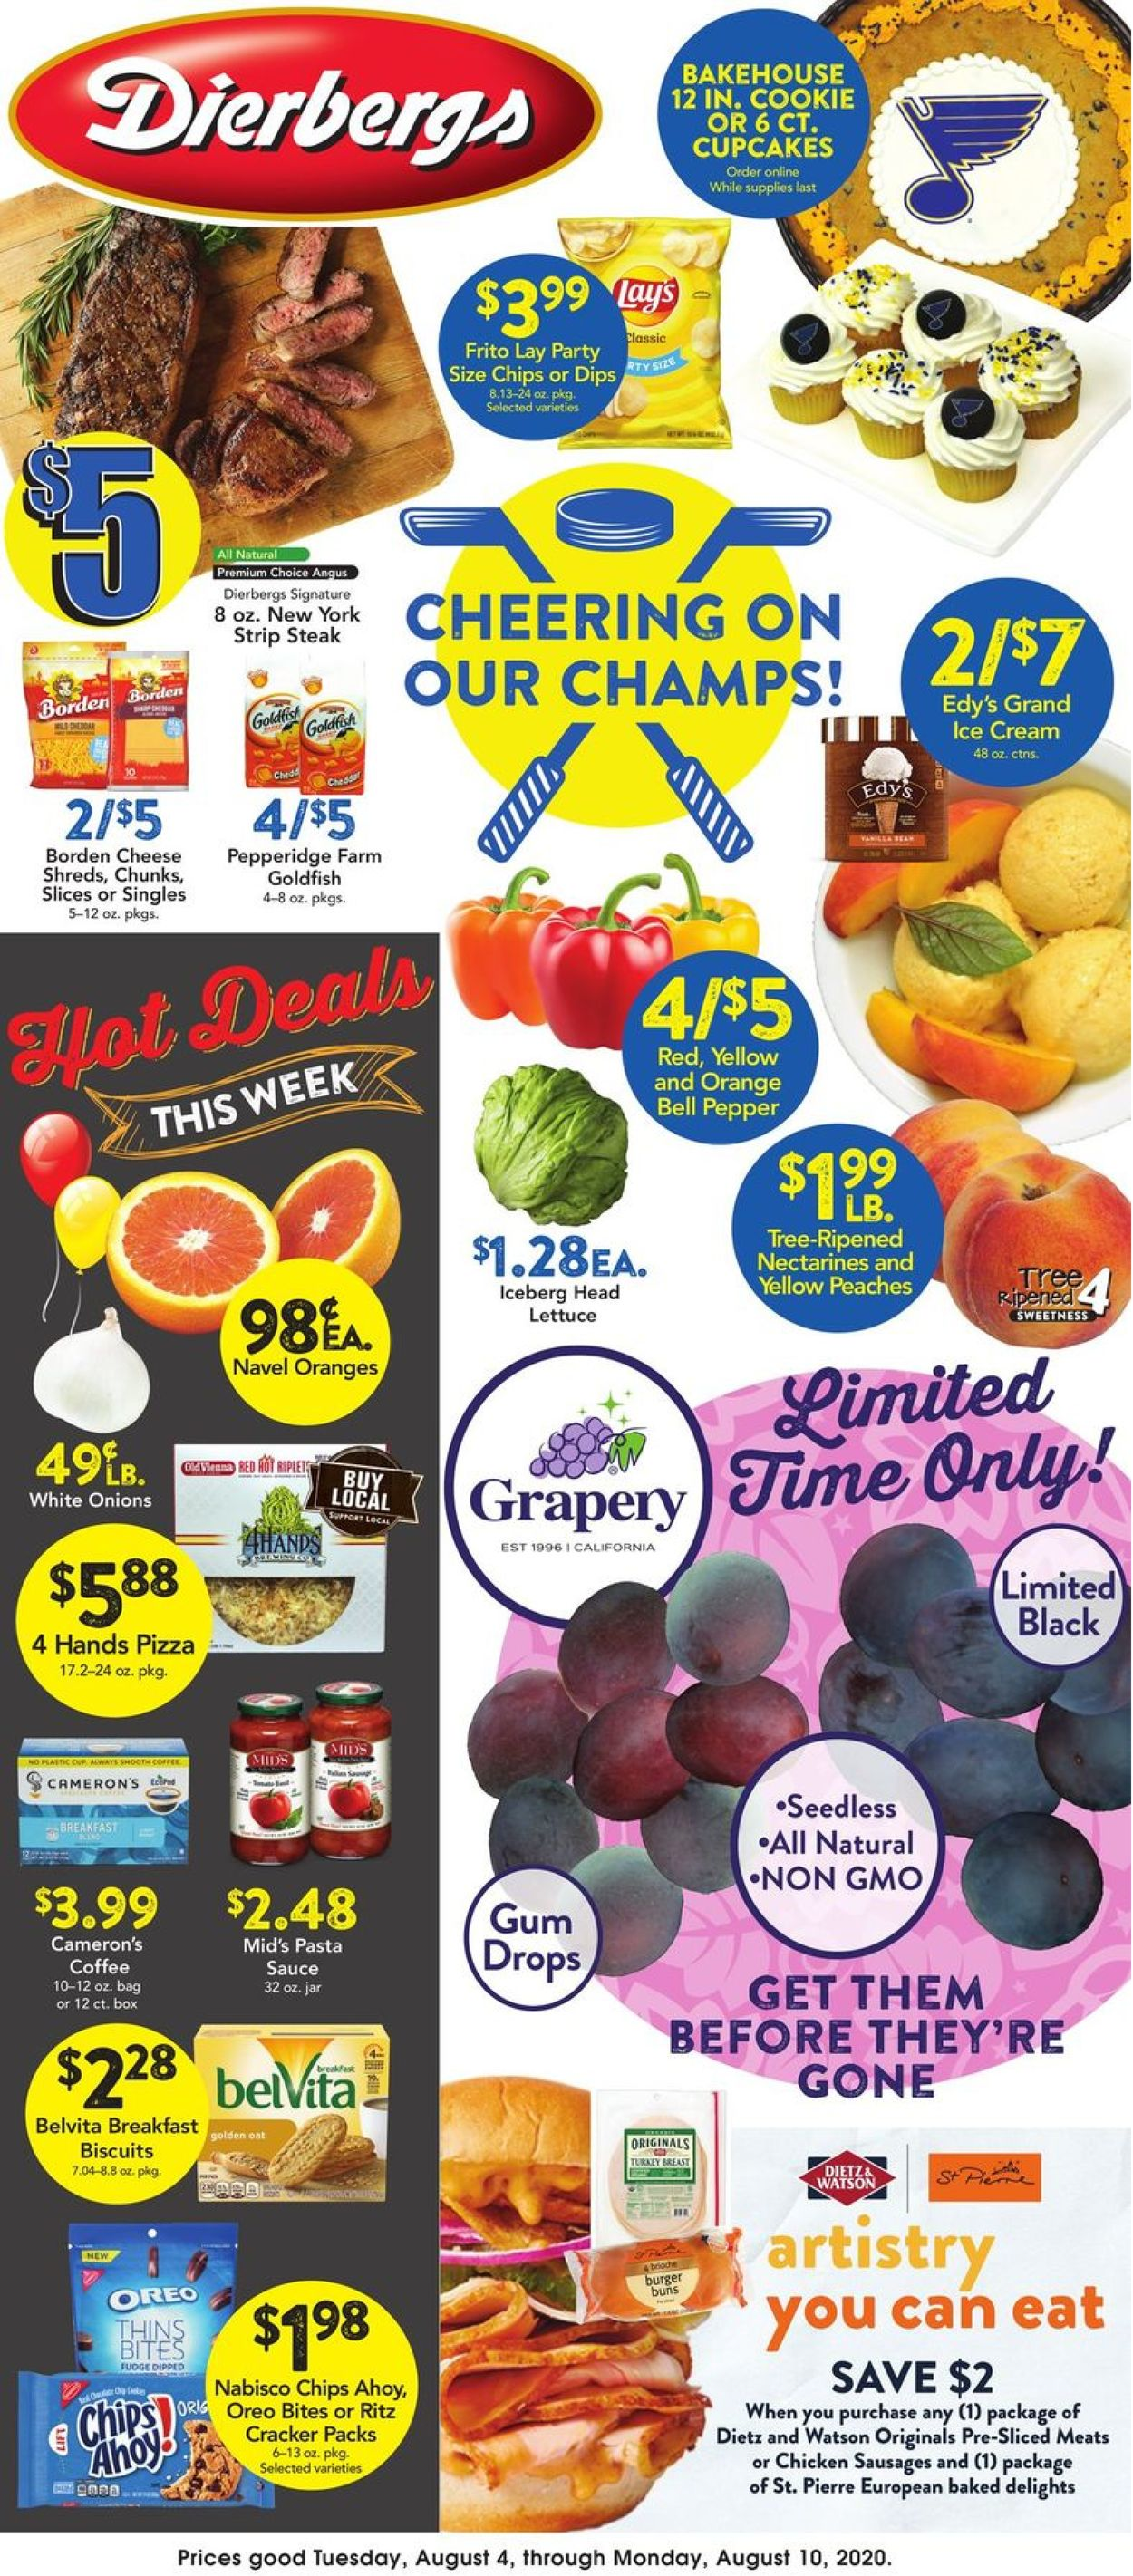 Dierbergs Weekly Ad Circular - valid 08/04-08/10/2020